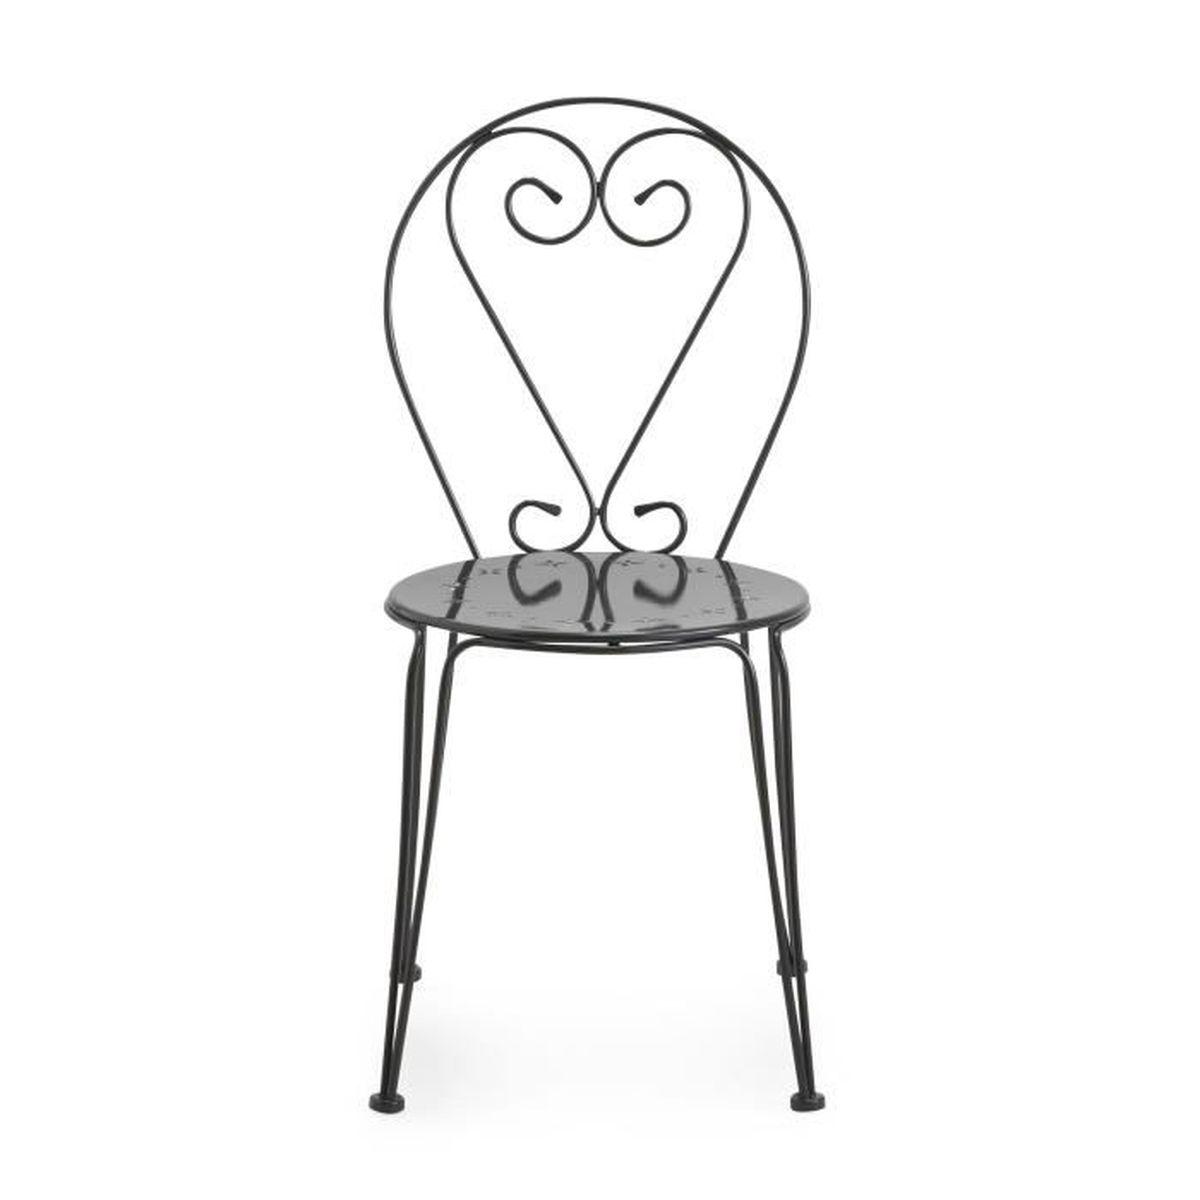 chaise de jardin grise maison design. Black Bedroom Furniture Sets. Home Design Ideas